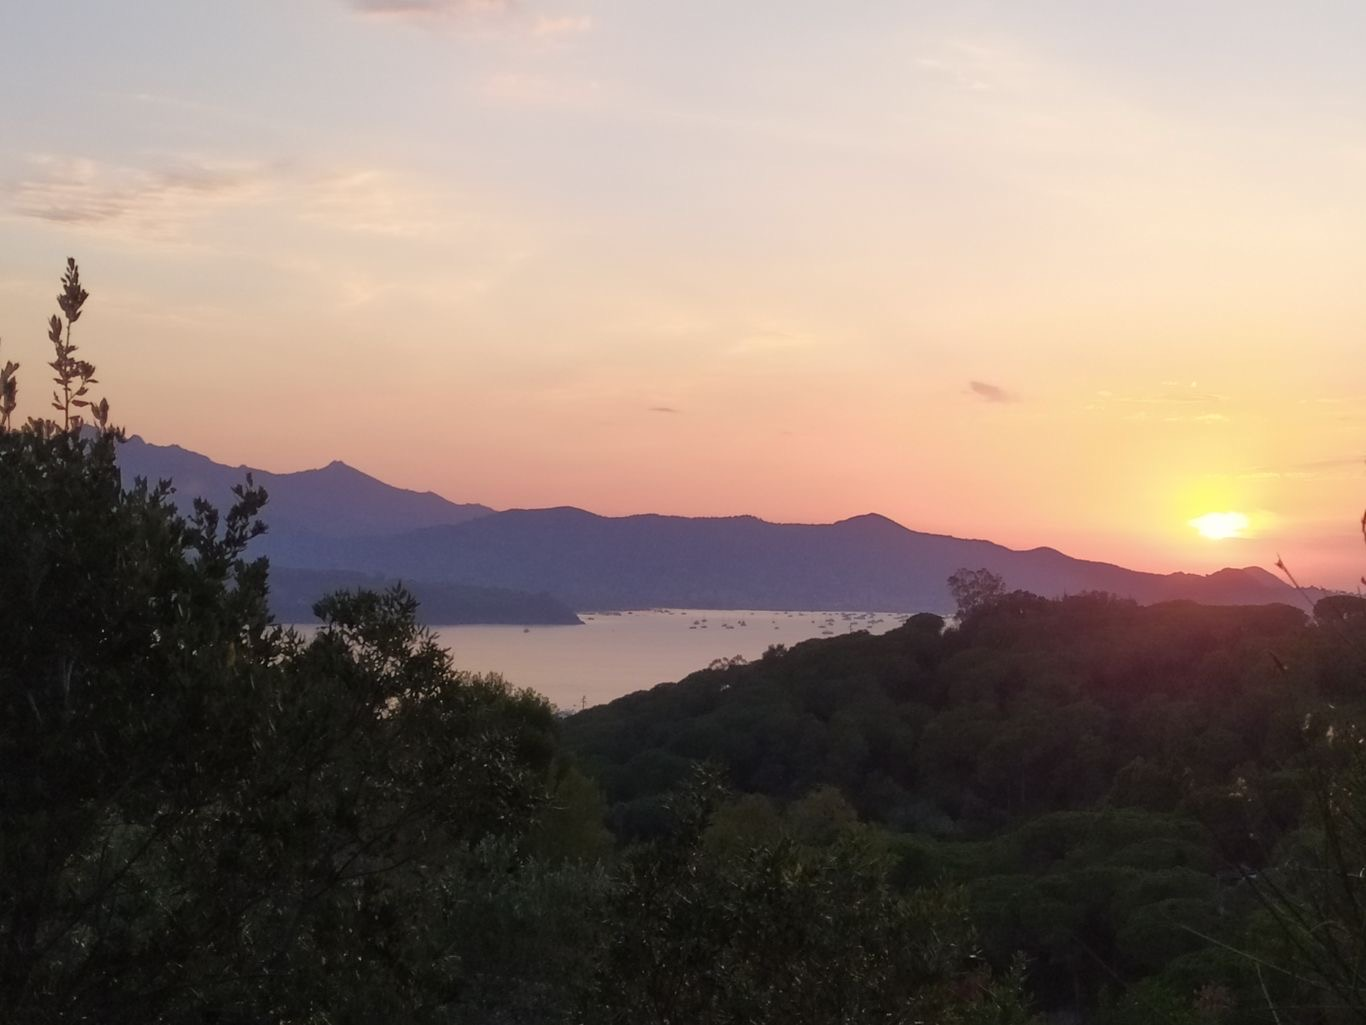 Tramonto sul golfo di Portoferraio all'isola d'Elba visto dal camping Rosselba le Palme